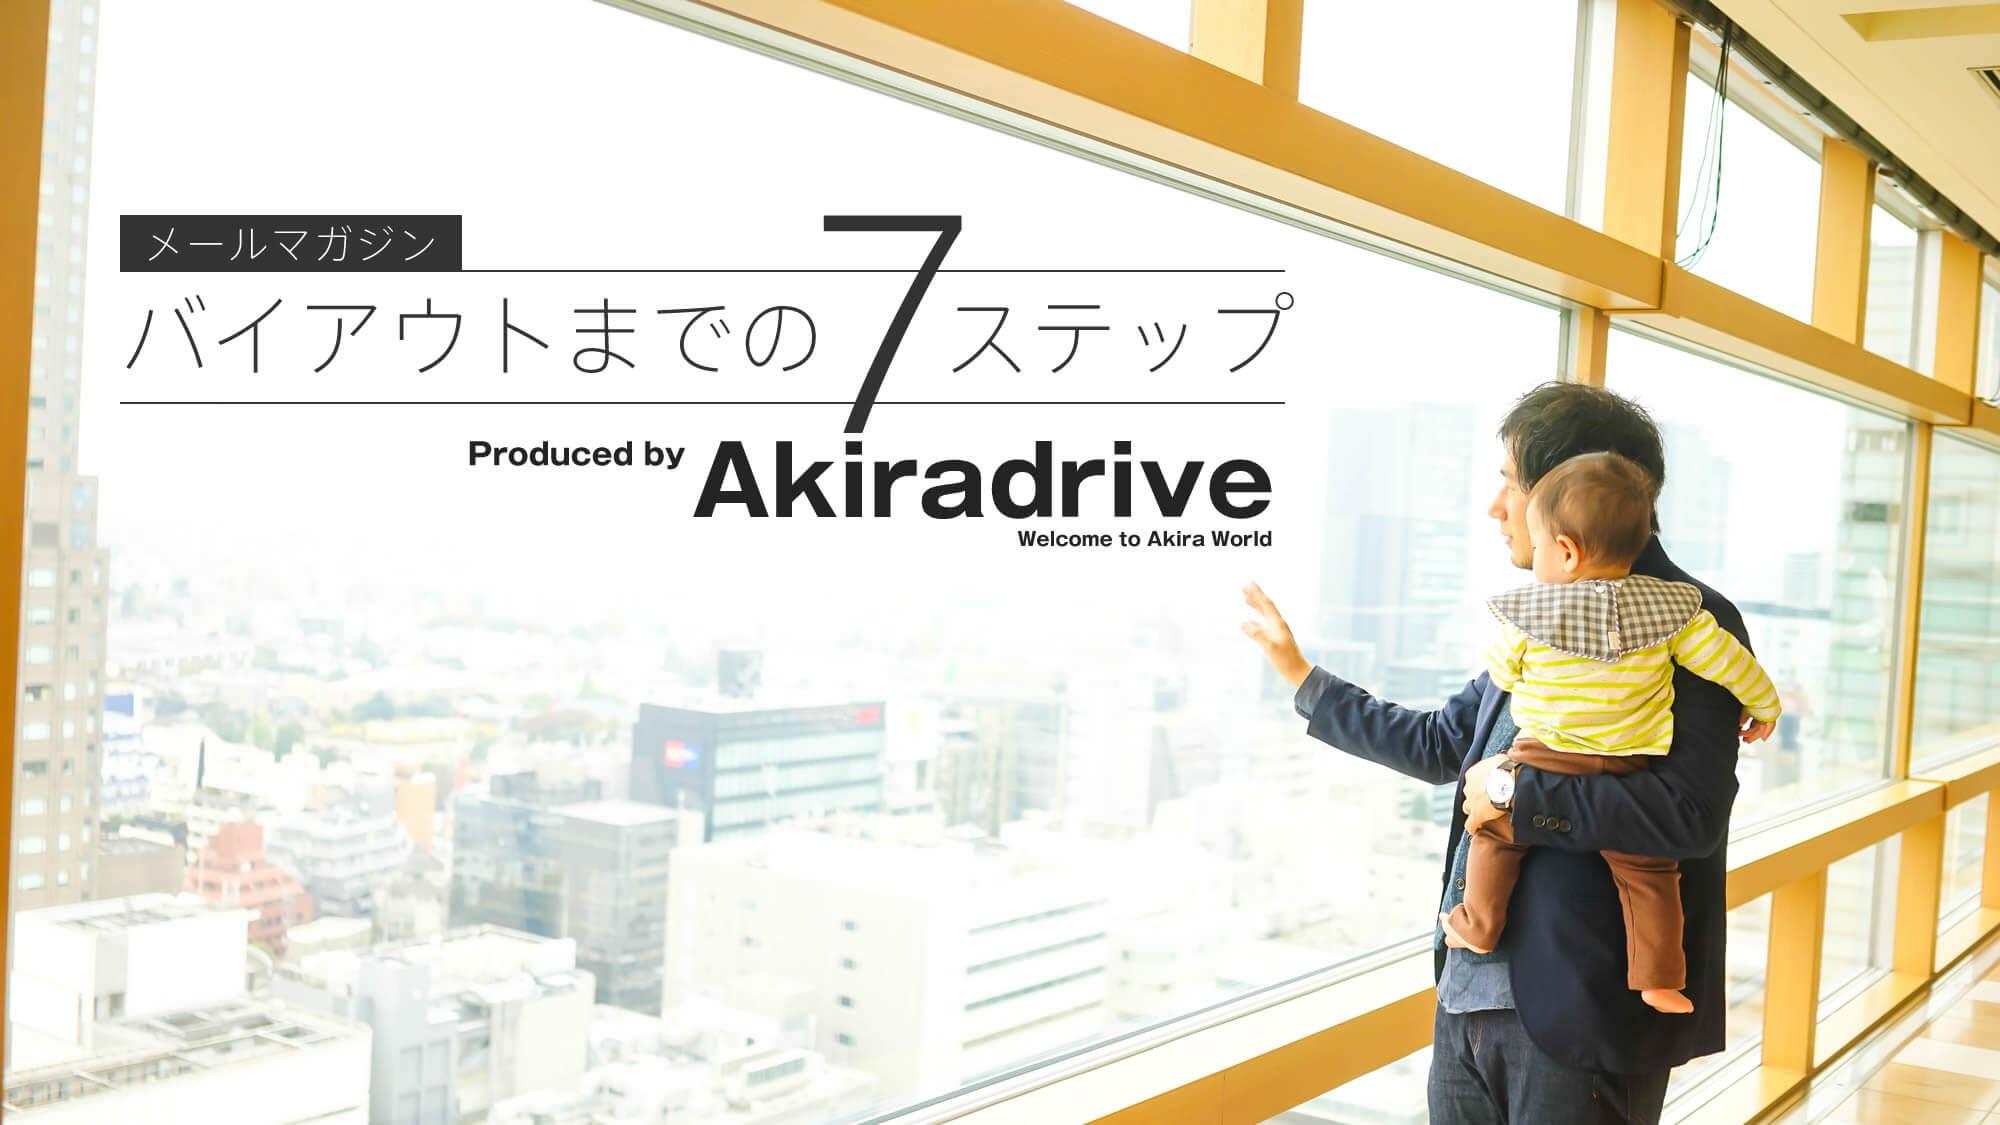 中村あきらメールマガジン「バイアウトまでの7ステップ」